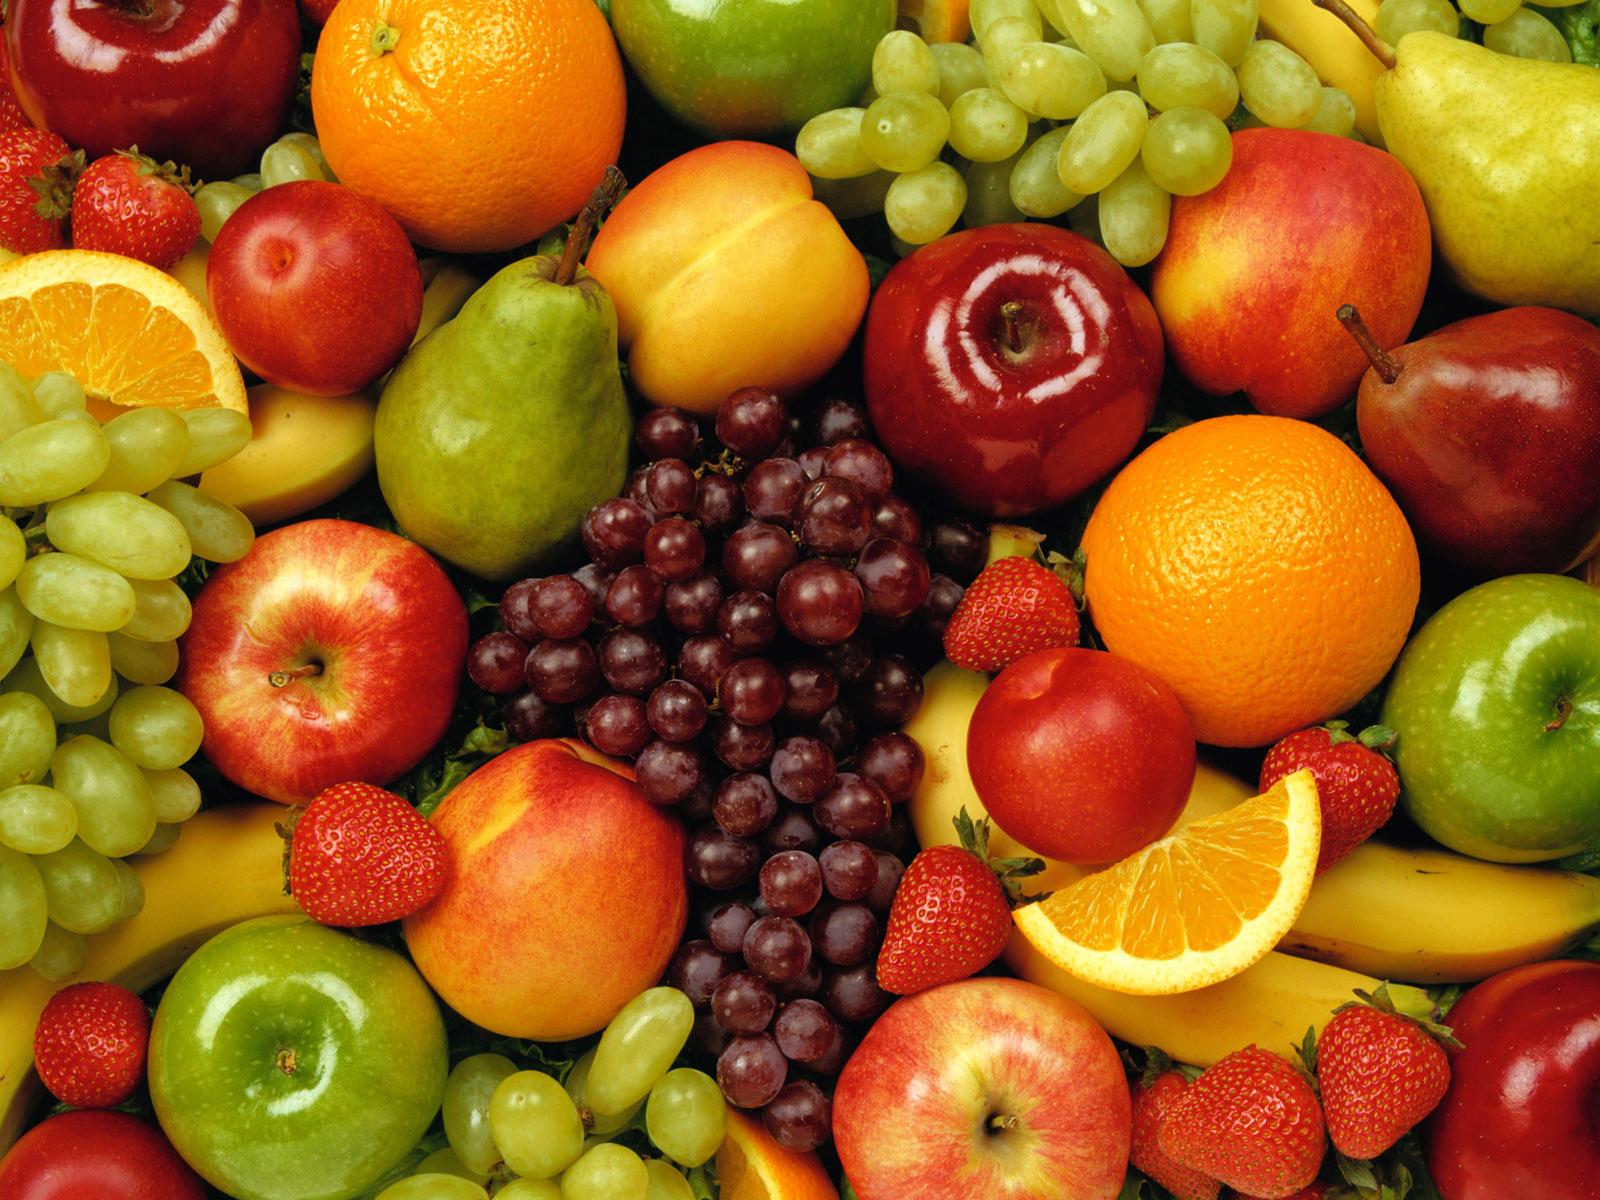 Dall'Albero al Piatto: La Frutta che Mangiamo